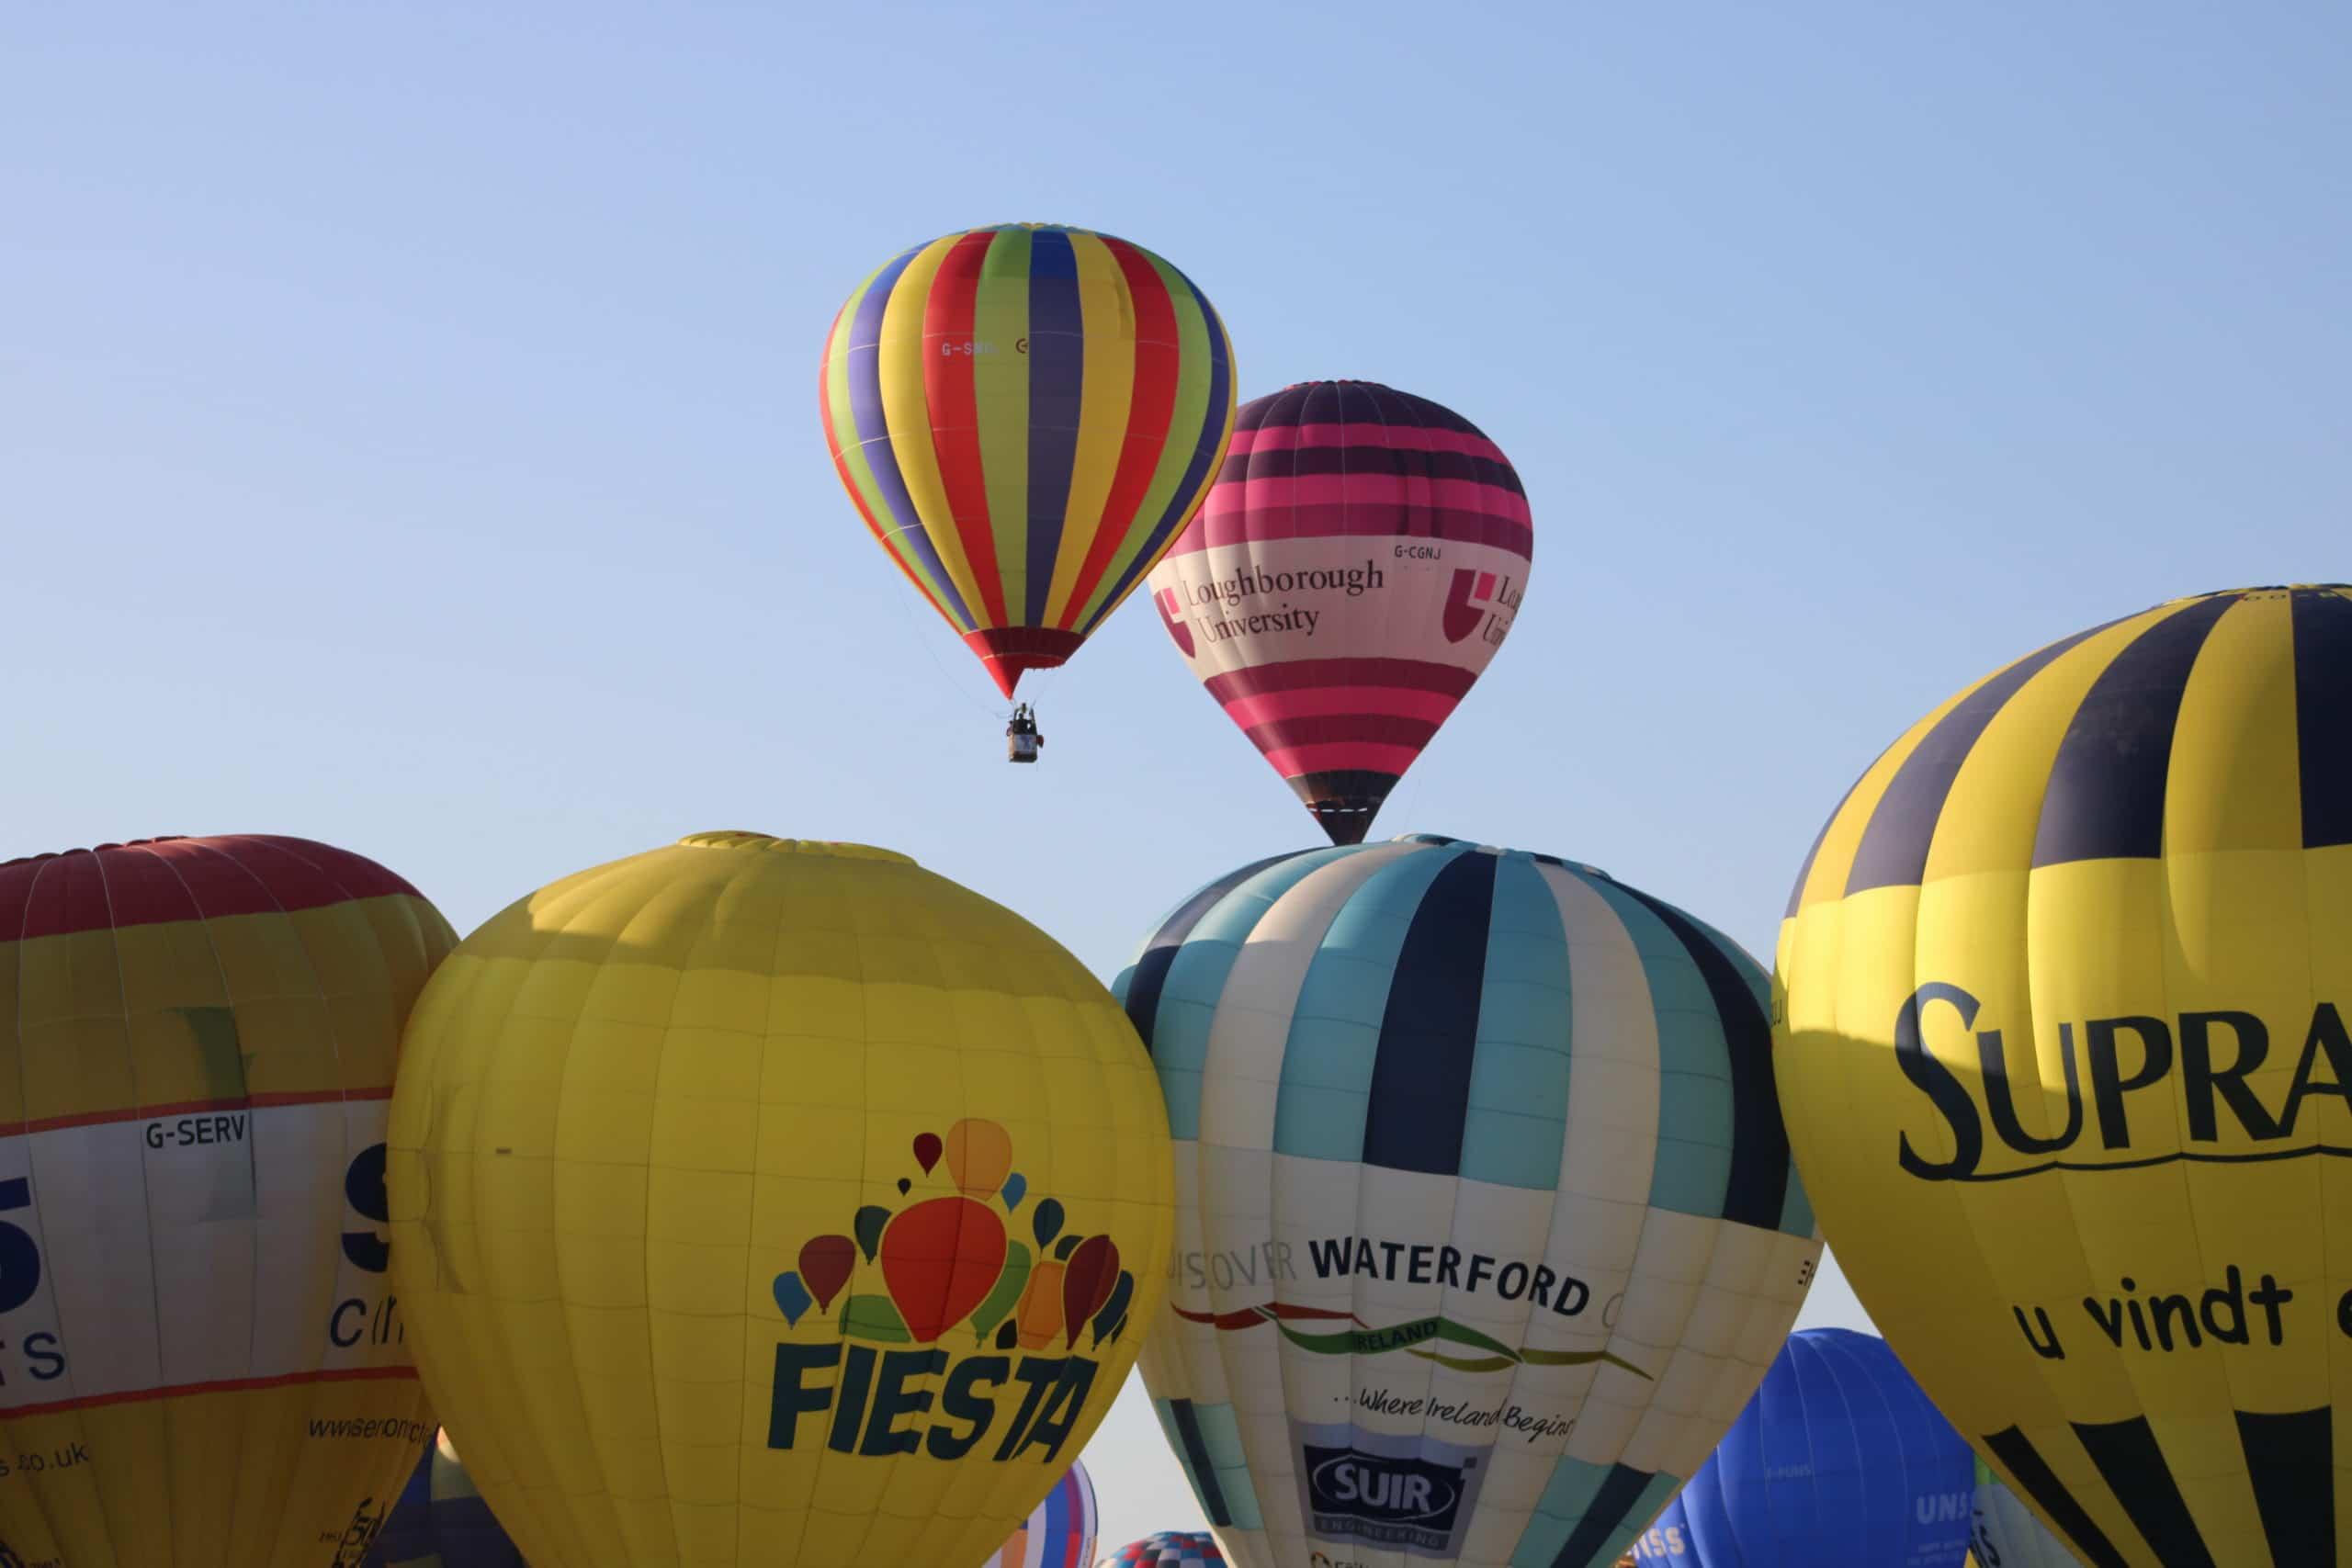 Premières montgolfières à s'envoler. Chambley 2019